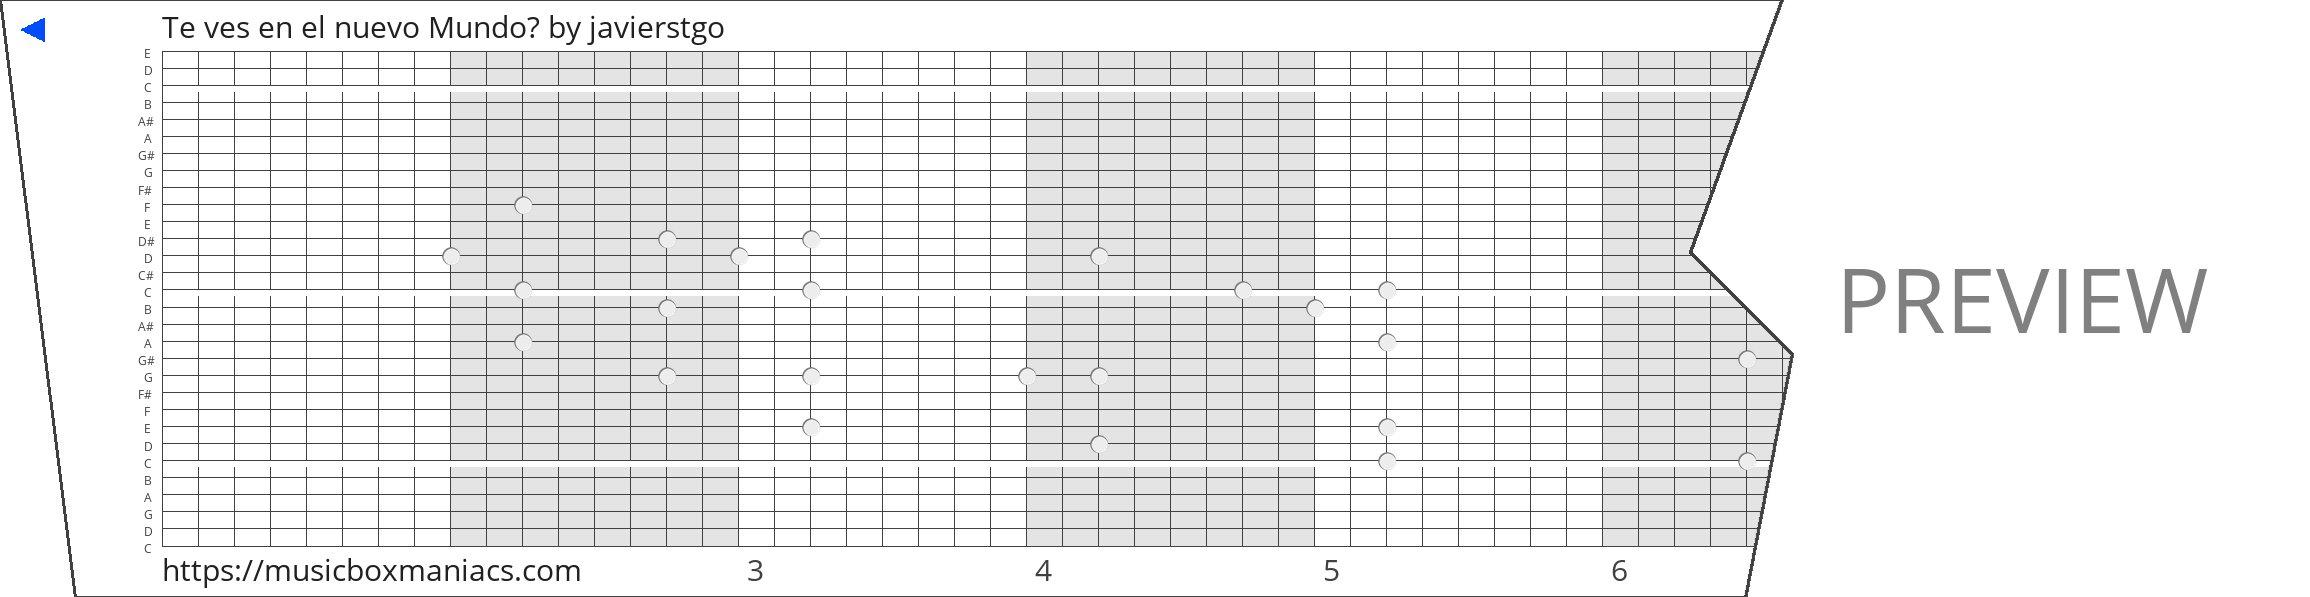 Te ves en el nuevo Mundo? 30 note music box paper strip